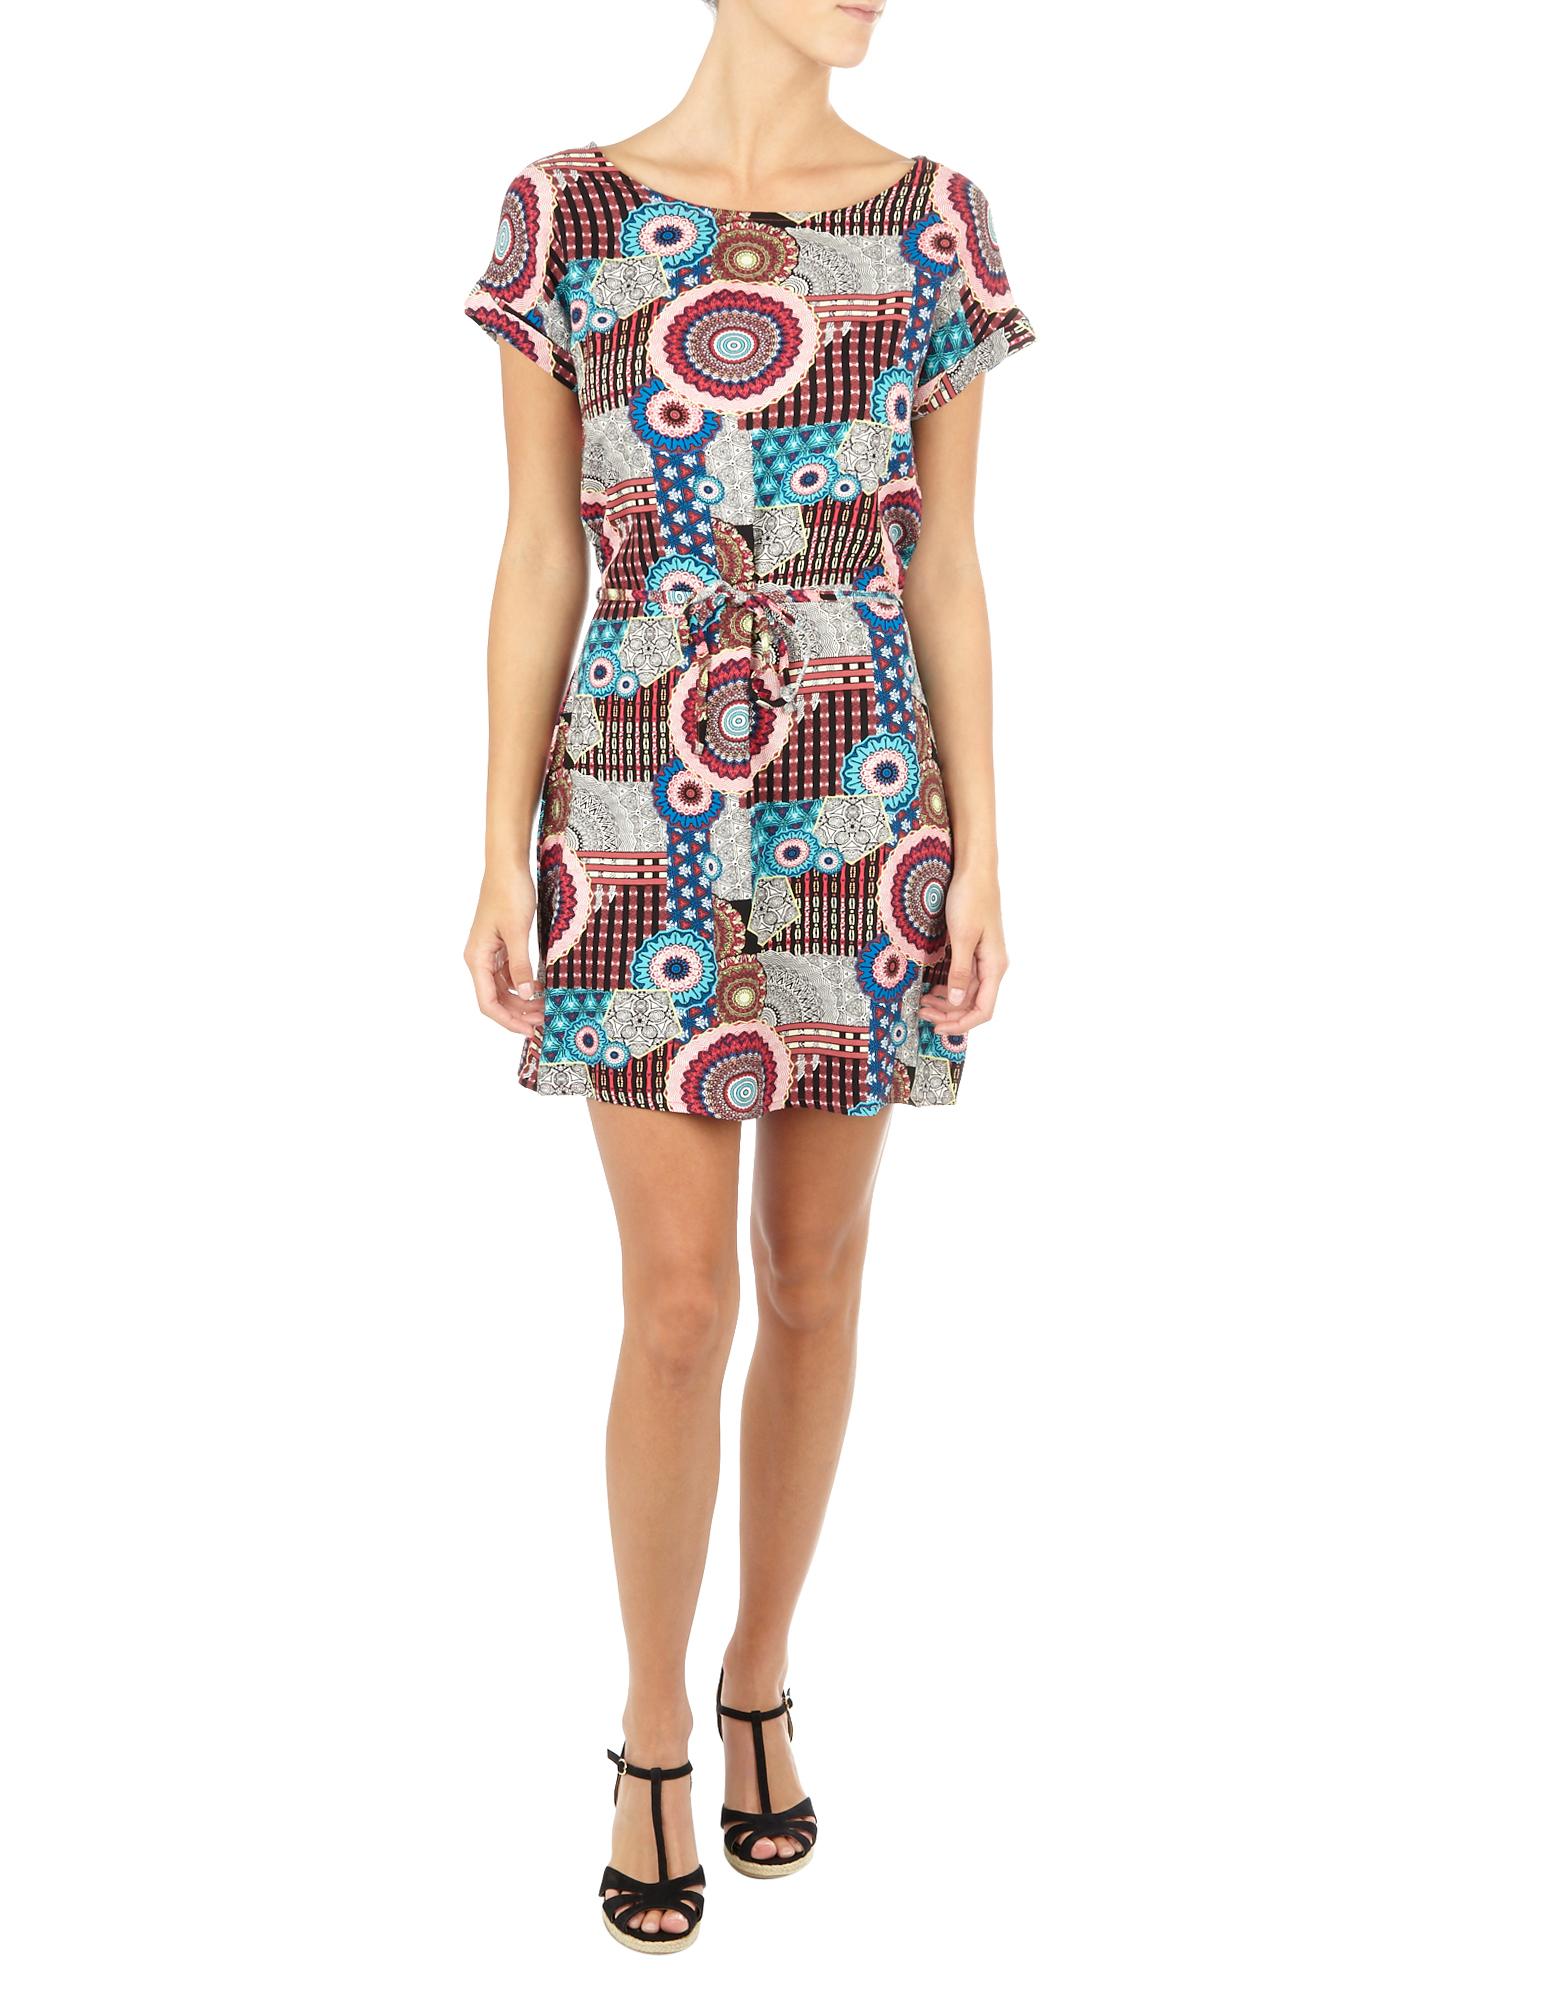 Damen Kleid mit Taillenband  | 81505253230600